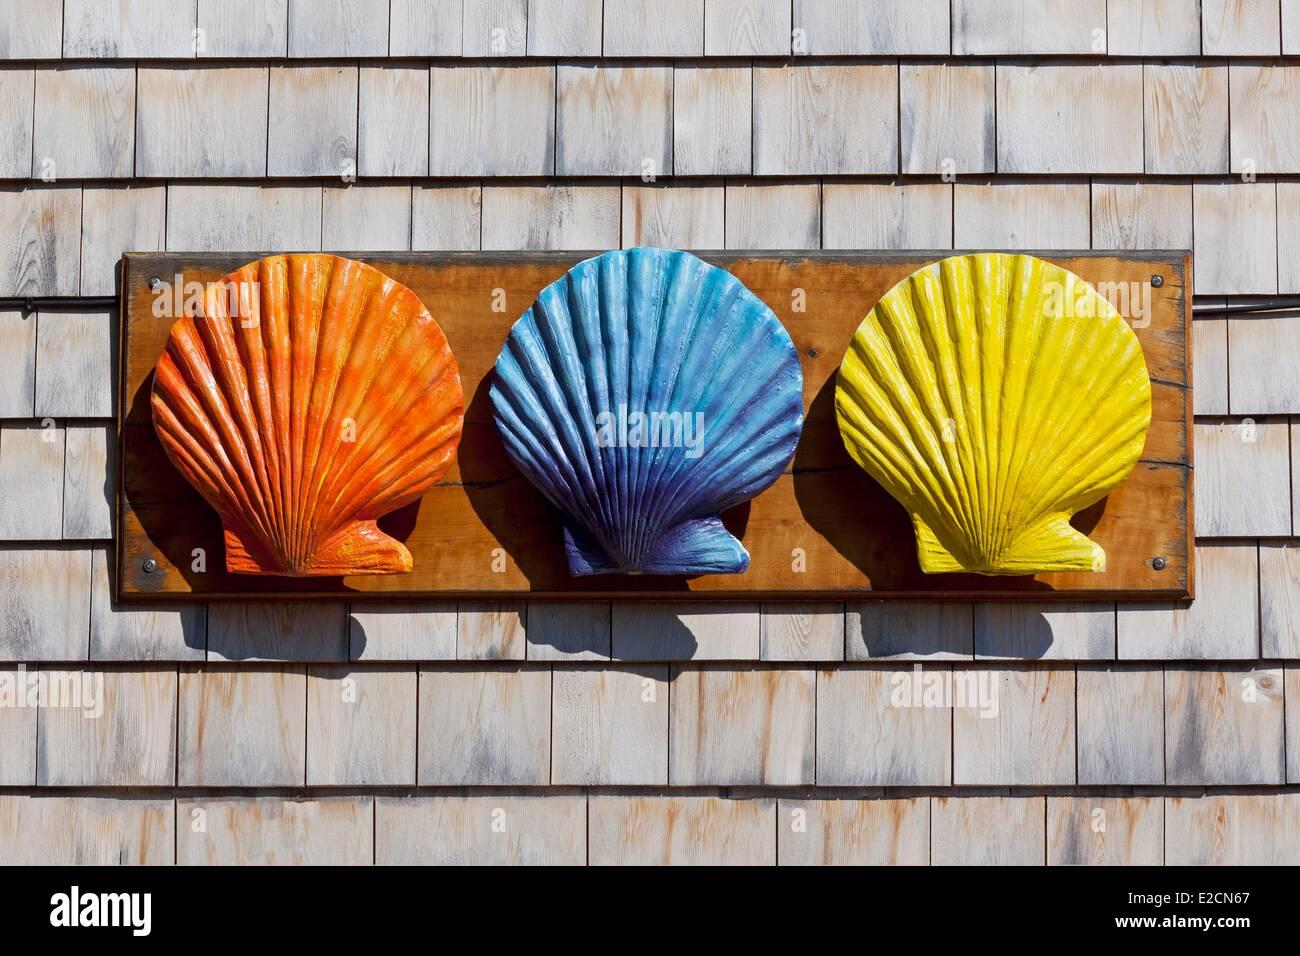 Vereinigten Staaten Maine Ogunquit Perkins Cove Dekoration auf einer Hausfassade farbige St. Jacques Jakobsmuscheln Stockbild